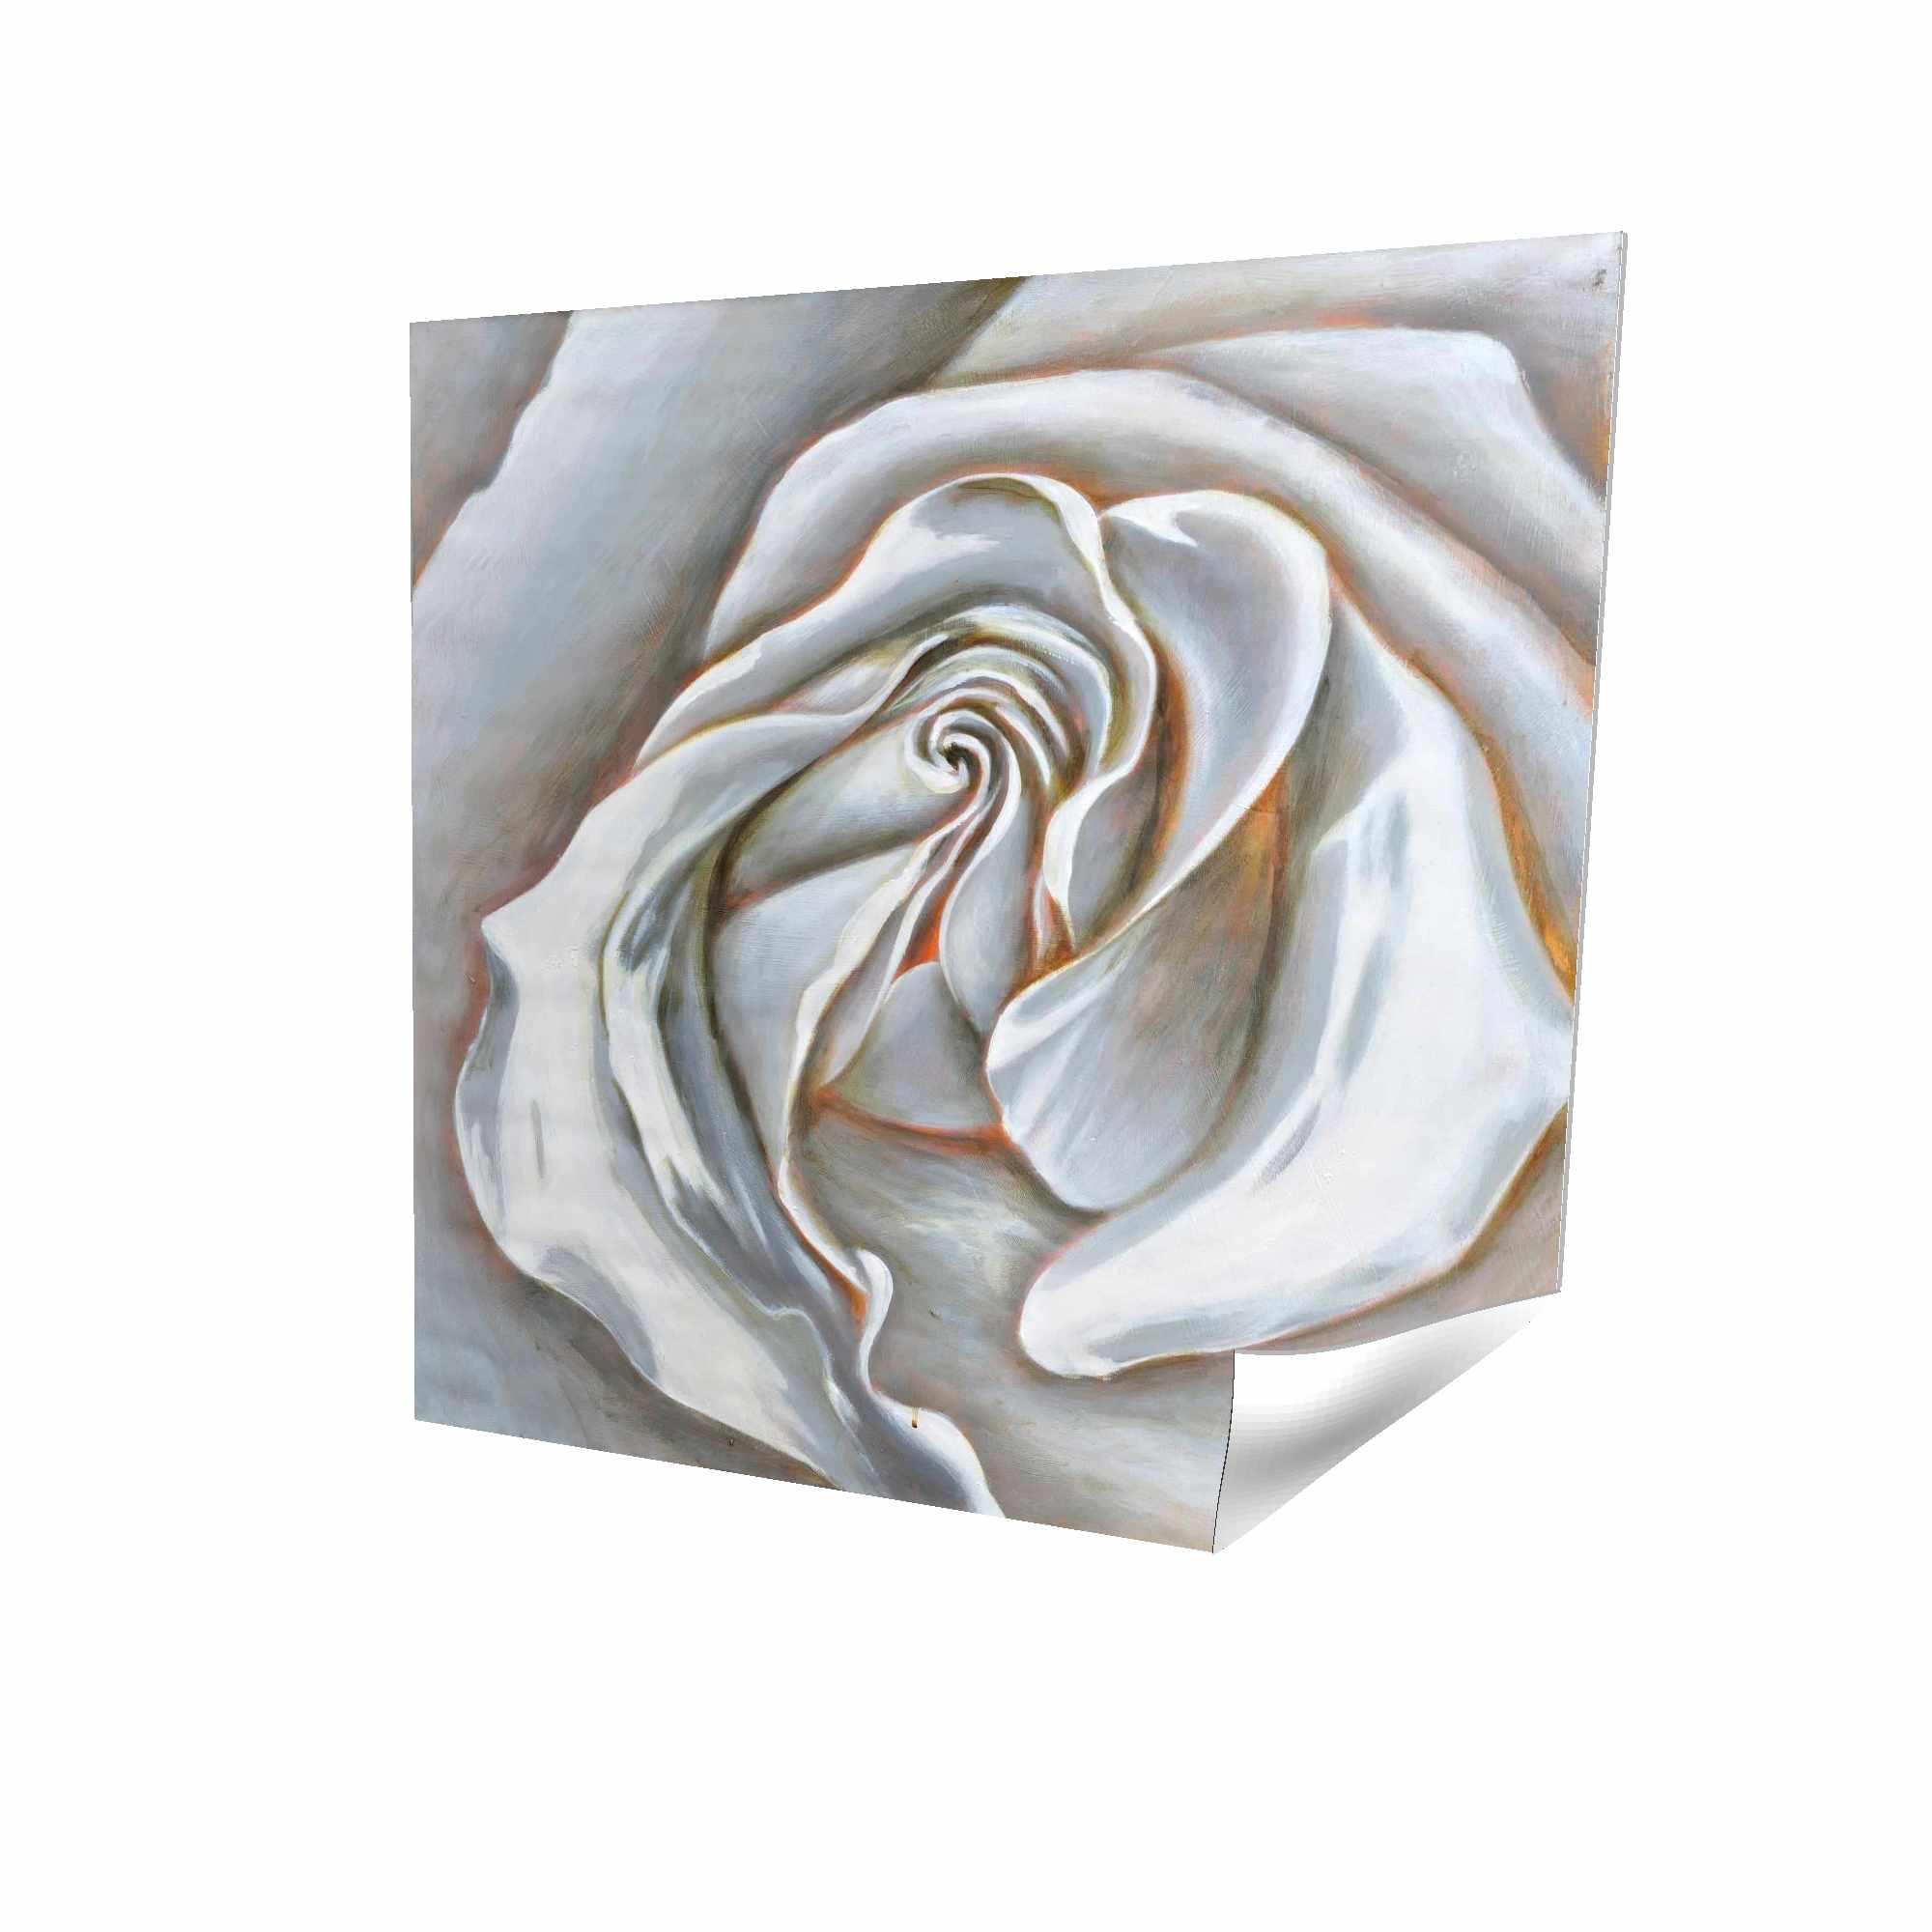 Centre d'une rose blanche